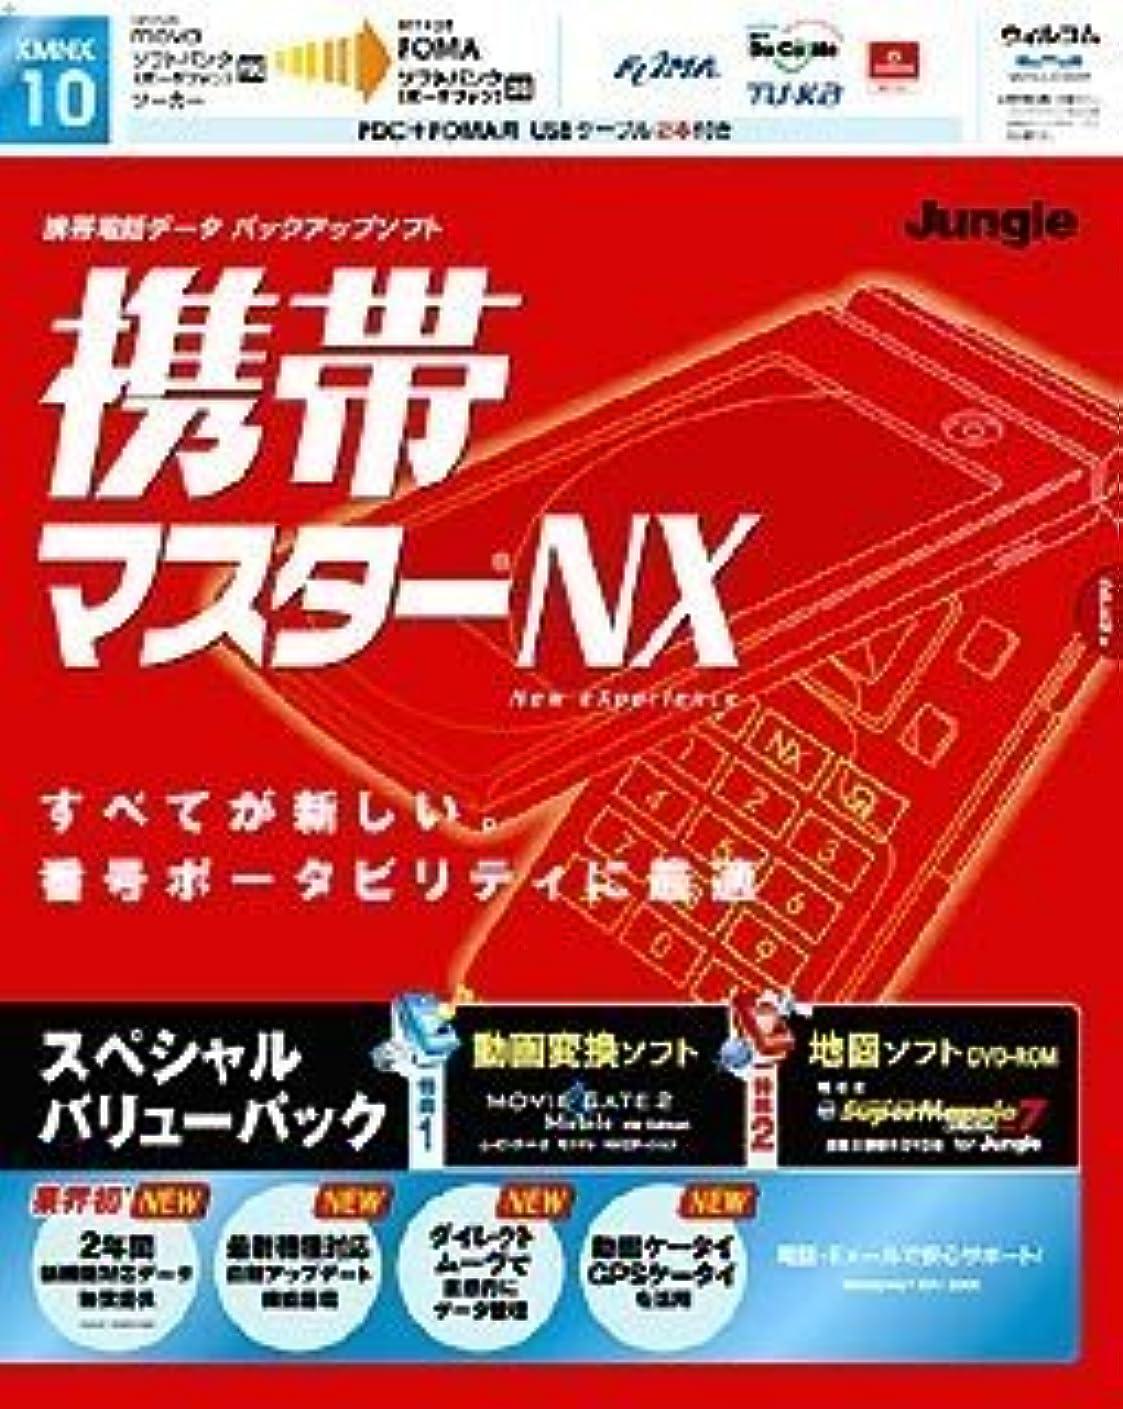 否定する協定葬儀携帯マスターNX スペシャルバリューパック PDC+FOMA用